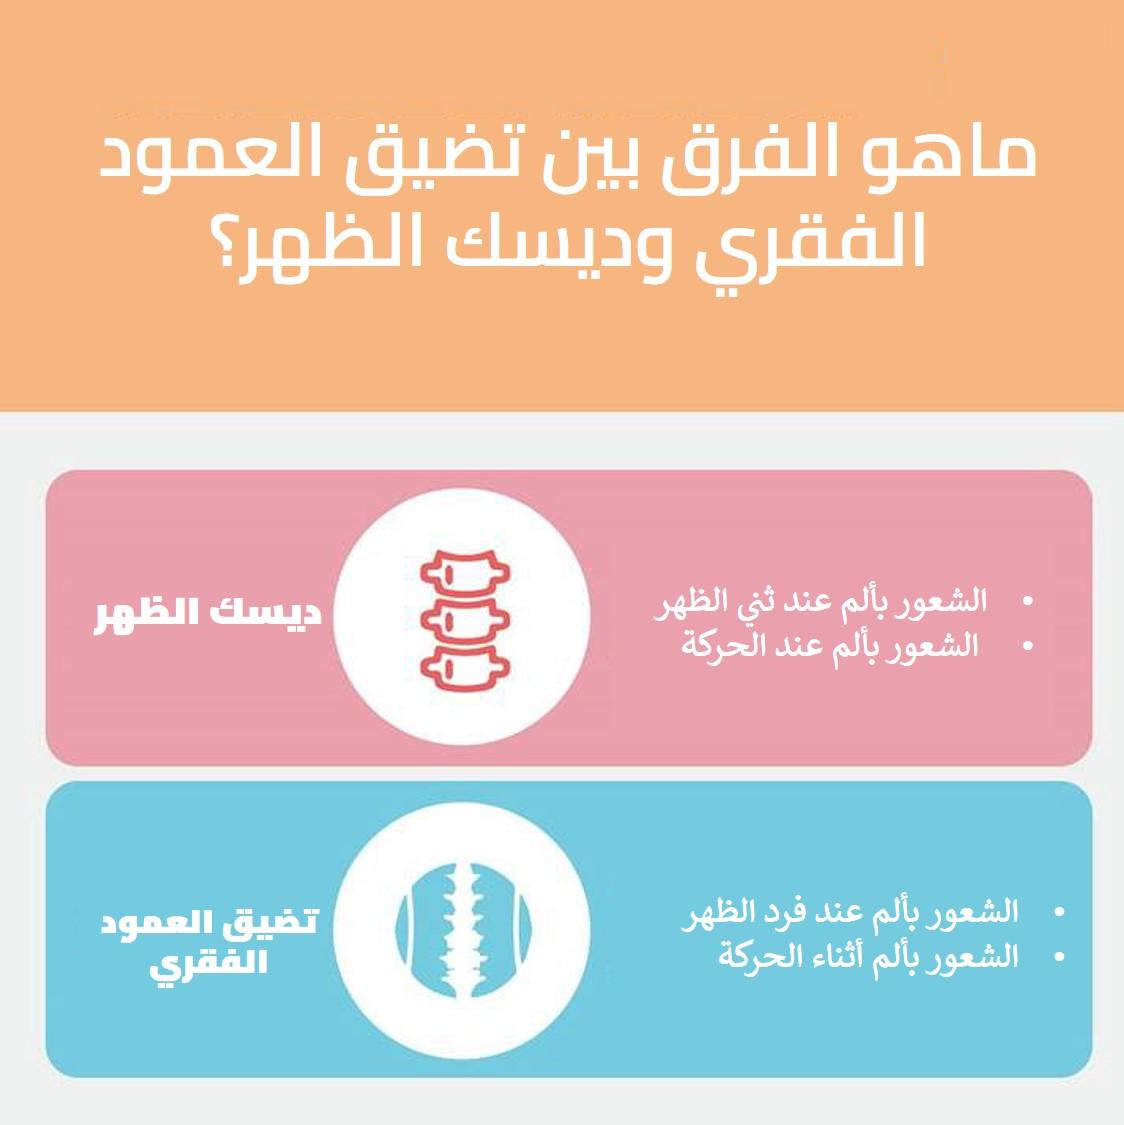 ماهو الفرق بين تضيق العمود الفقري وديسك الظهر؟